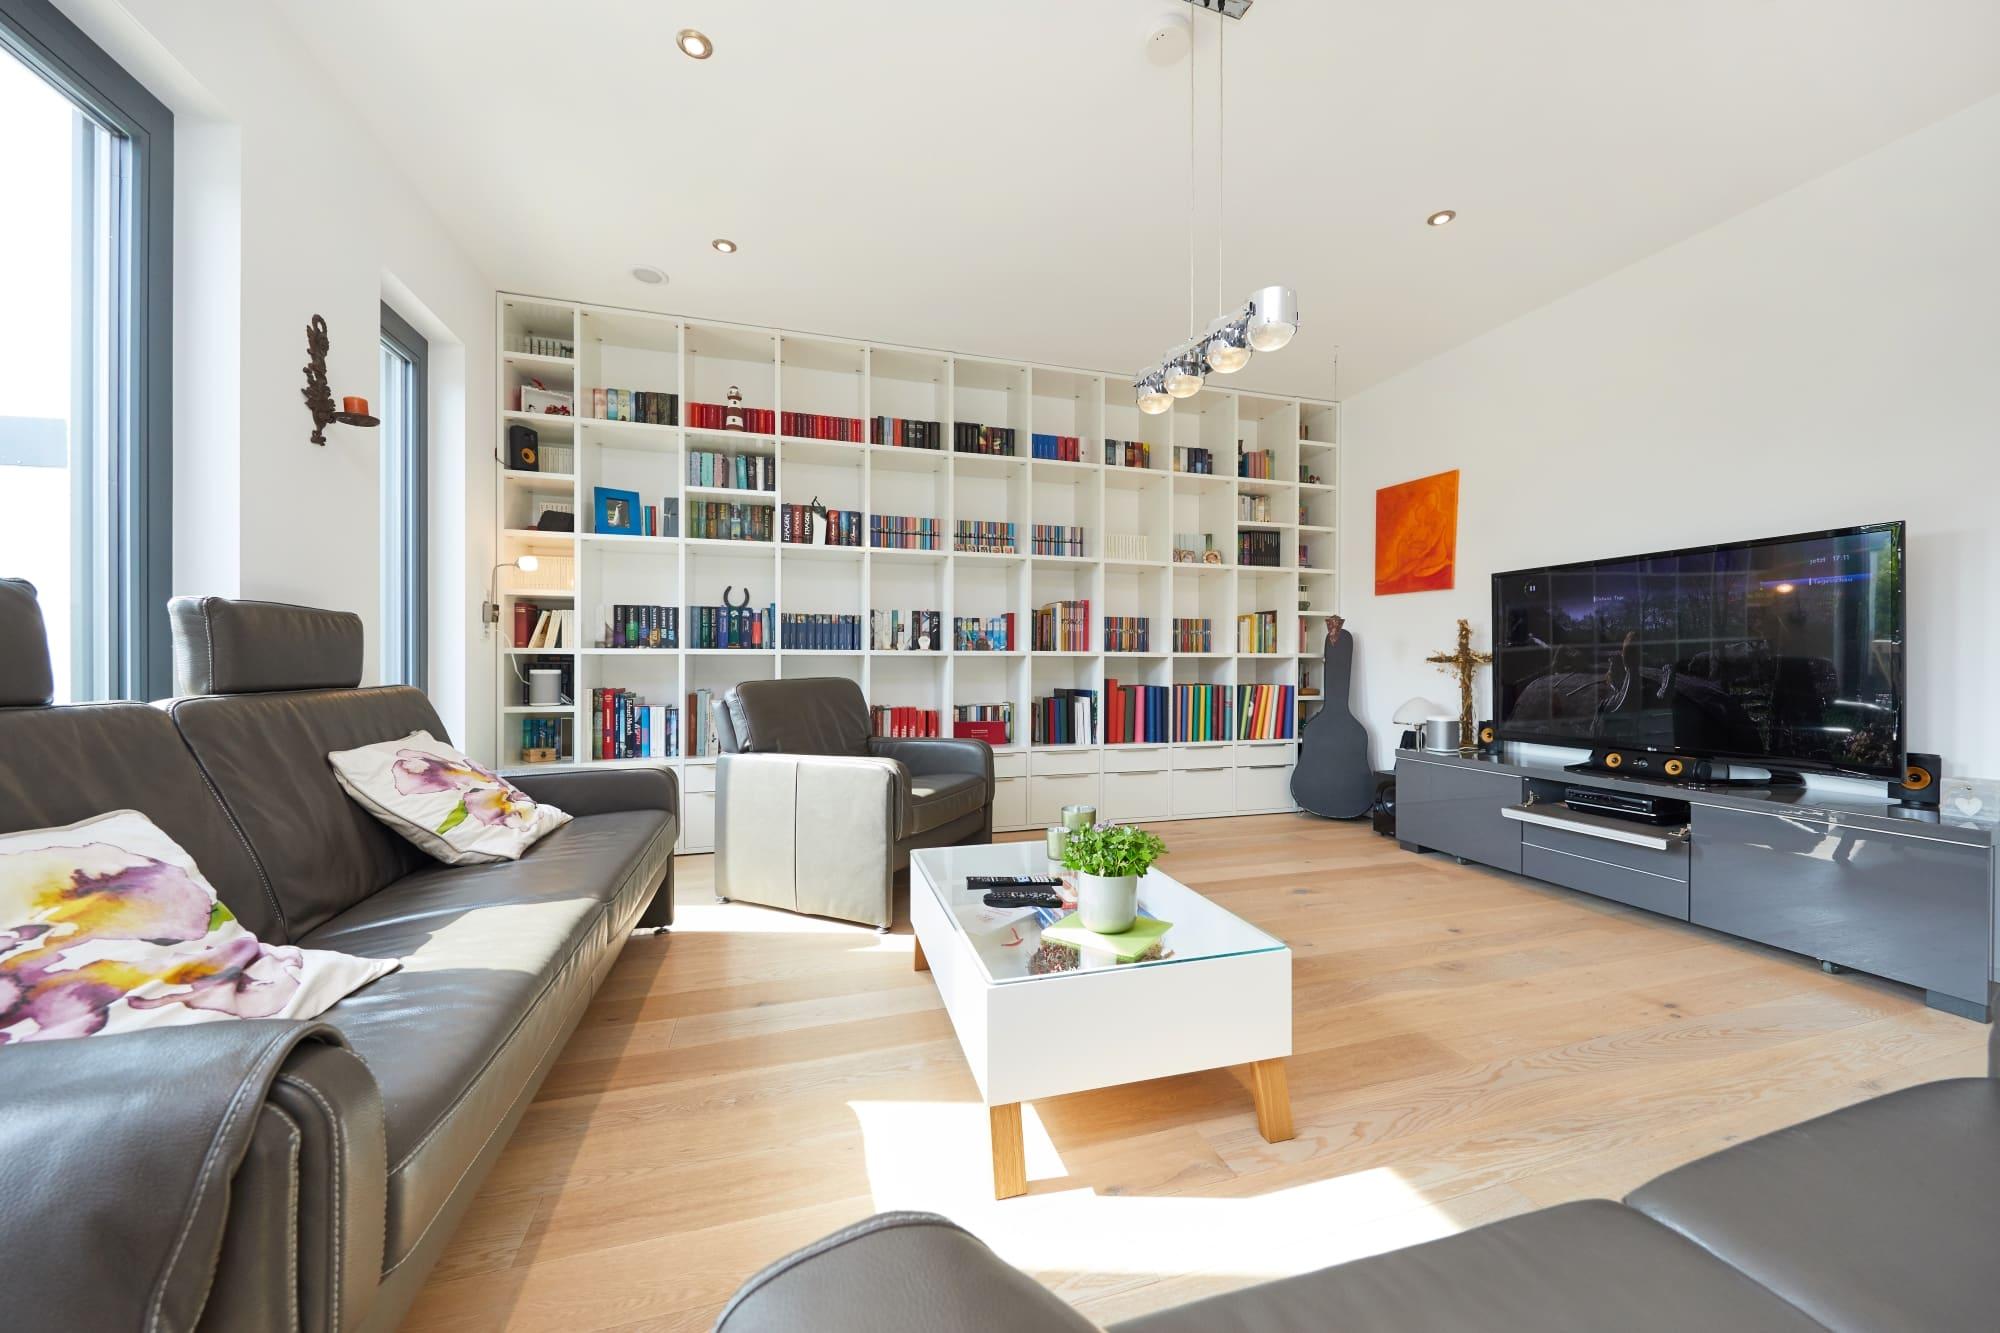 Wohnzimmer - Inneneinrichtung Doppelhaushälfte Fertighaus Marseille von GUSSEK HAUS - HausbauDirekt.de